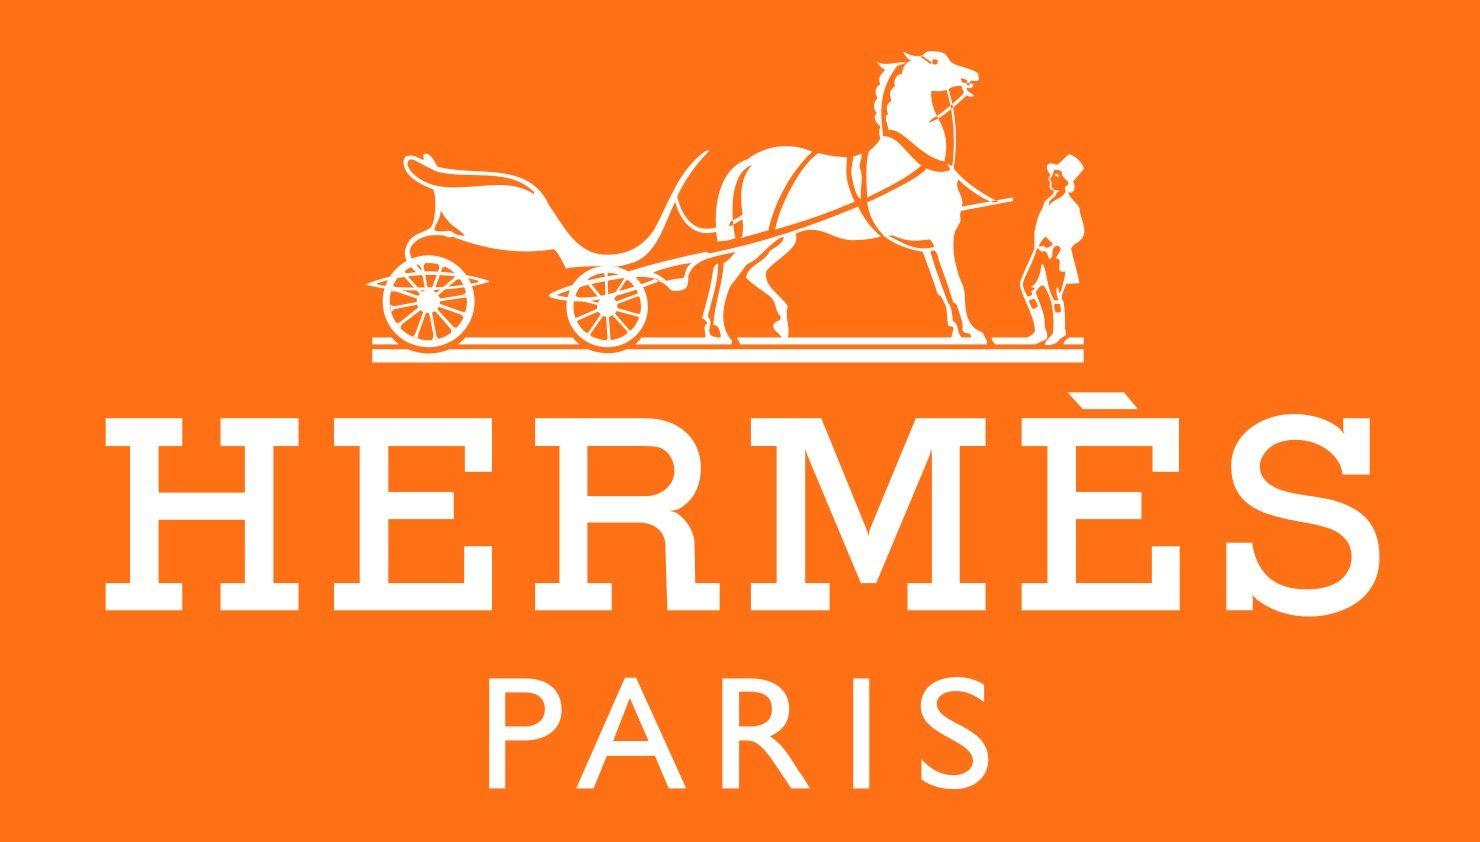 Hermes - один из самых удачных примеров семейного дела 635257 - Kapital.kz